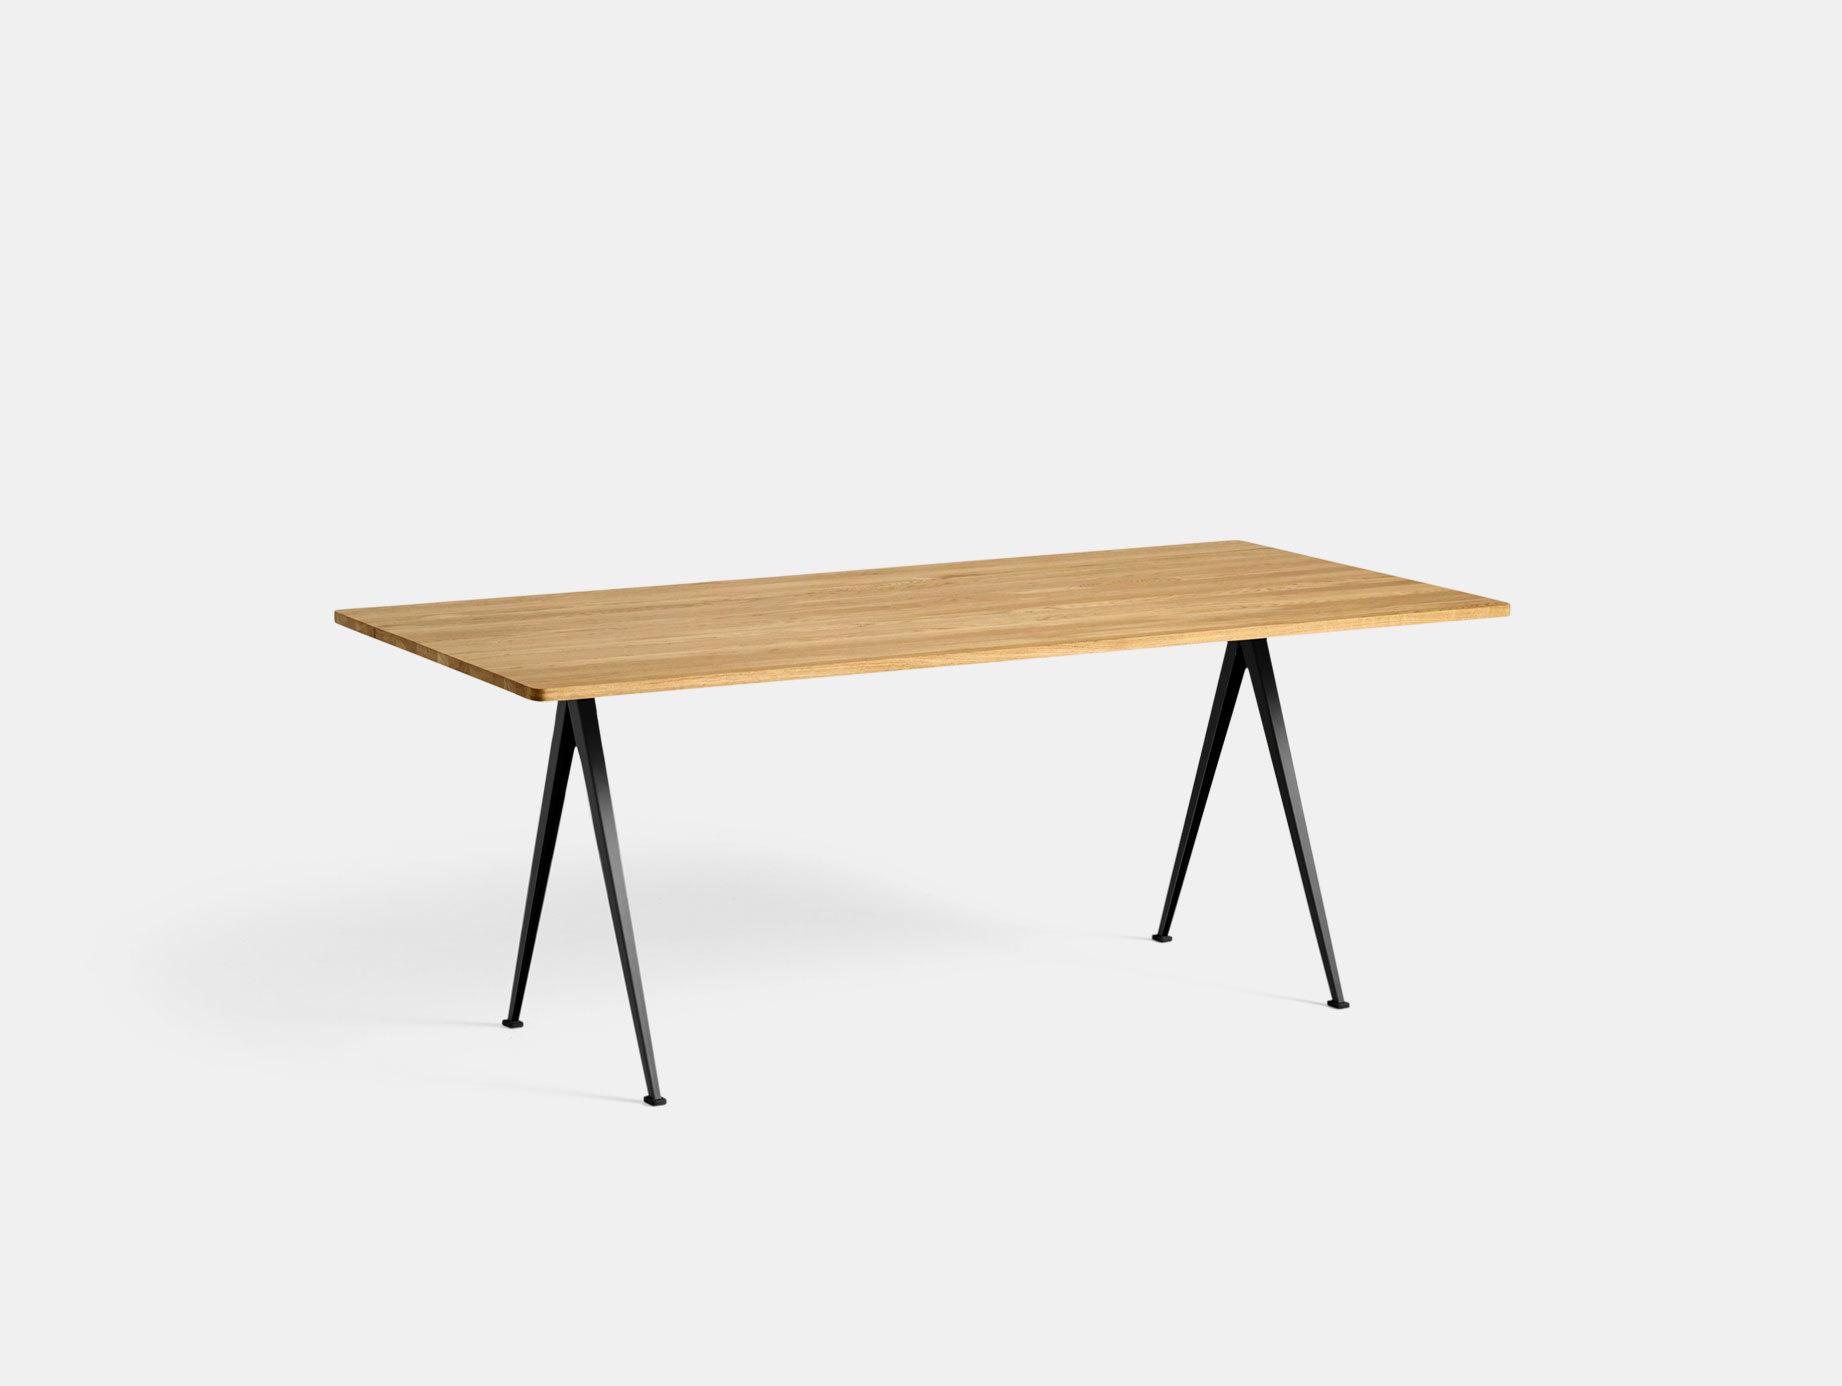 Hay Pyramid Table 02 Oak Black L190 Wim Rietveld Friso Kramer